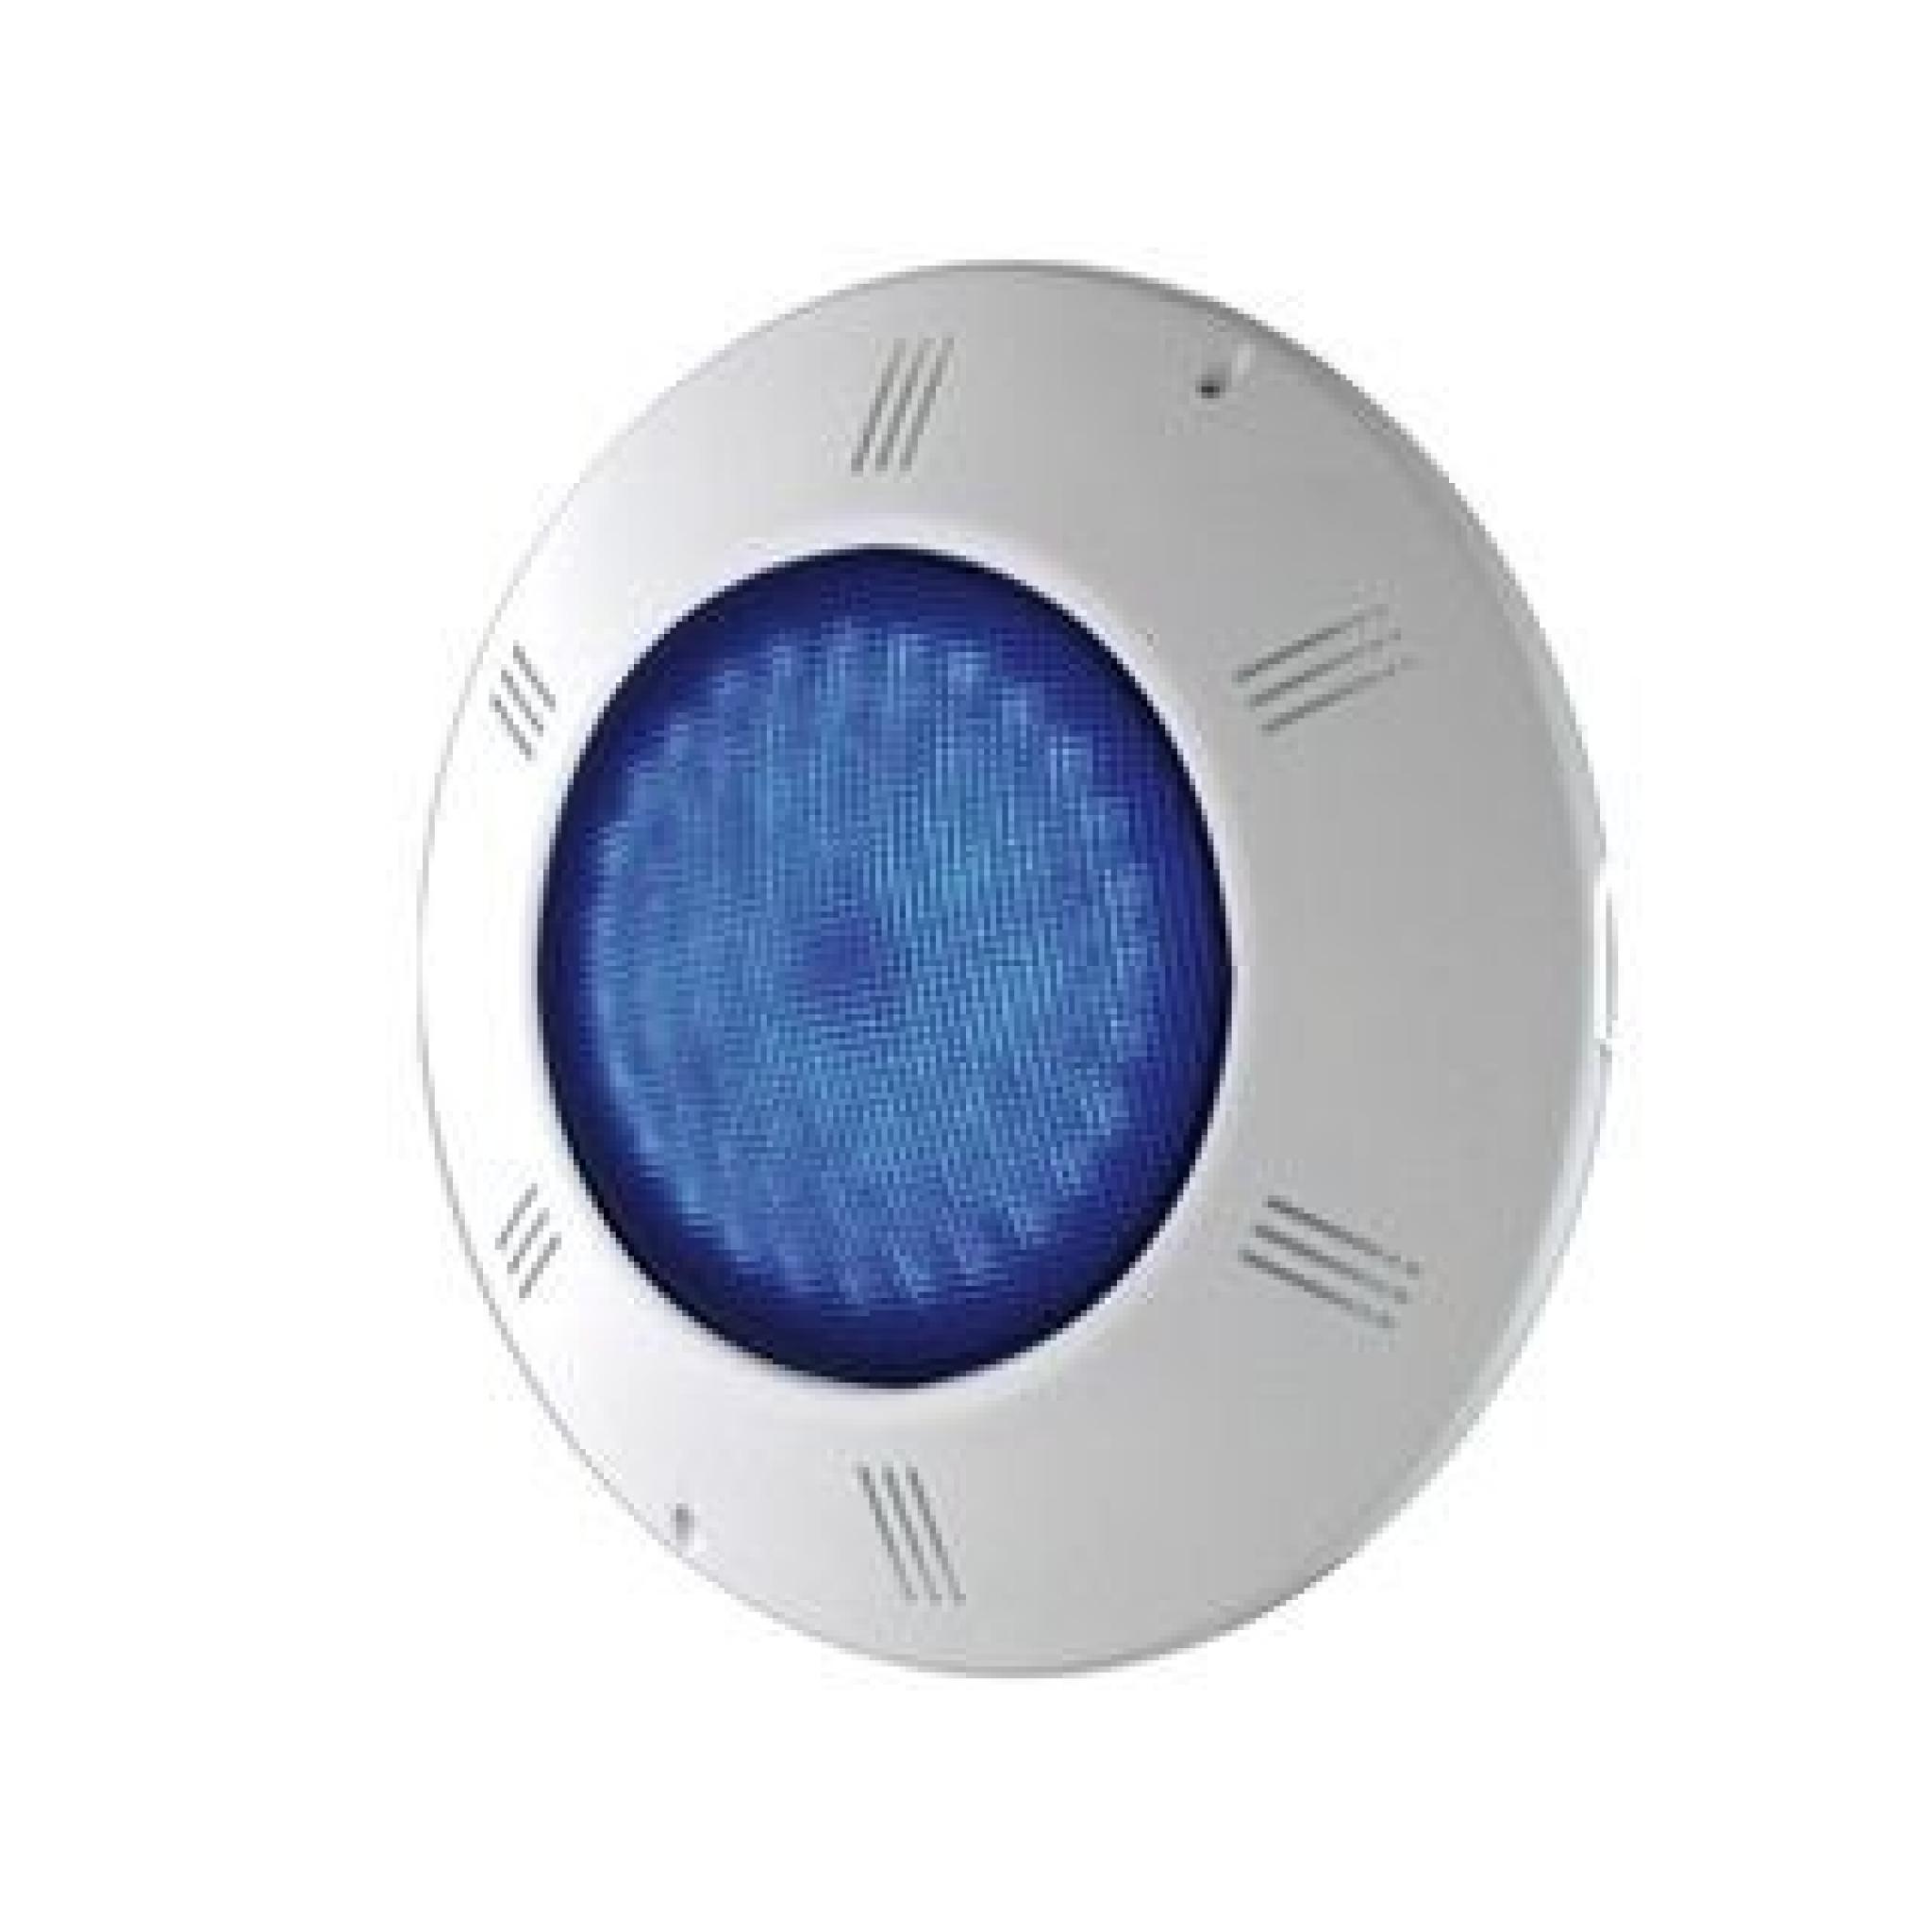 projecteur piscine aquareva 300w clips achat vente eclairage piscine pas cher. Black Bedroom Furniture Sets. Home Design Ideas